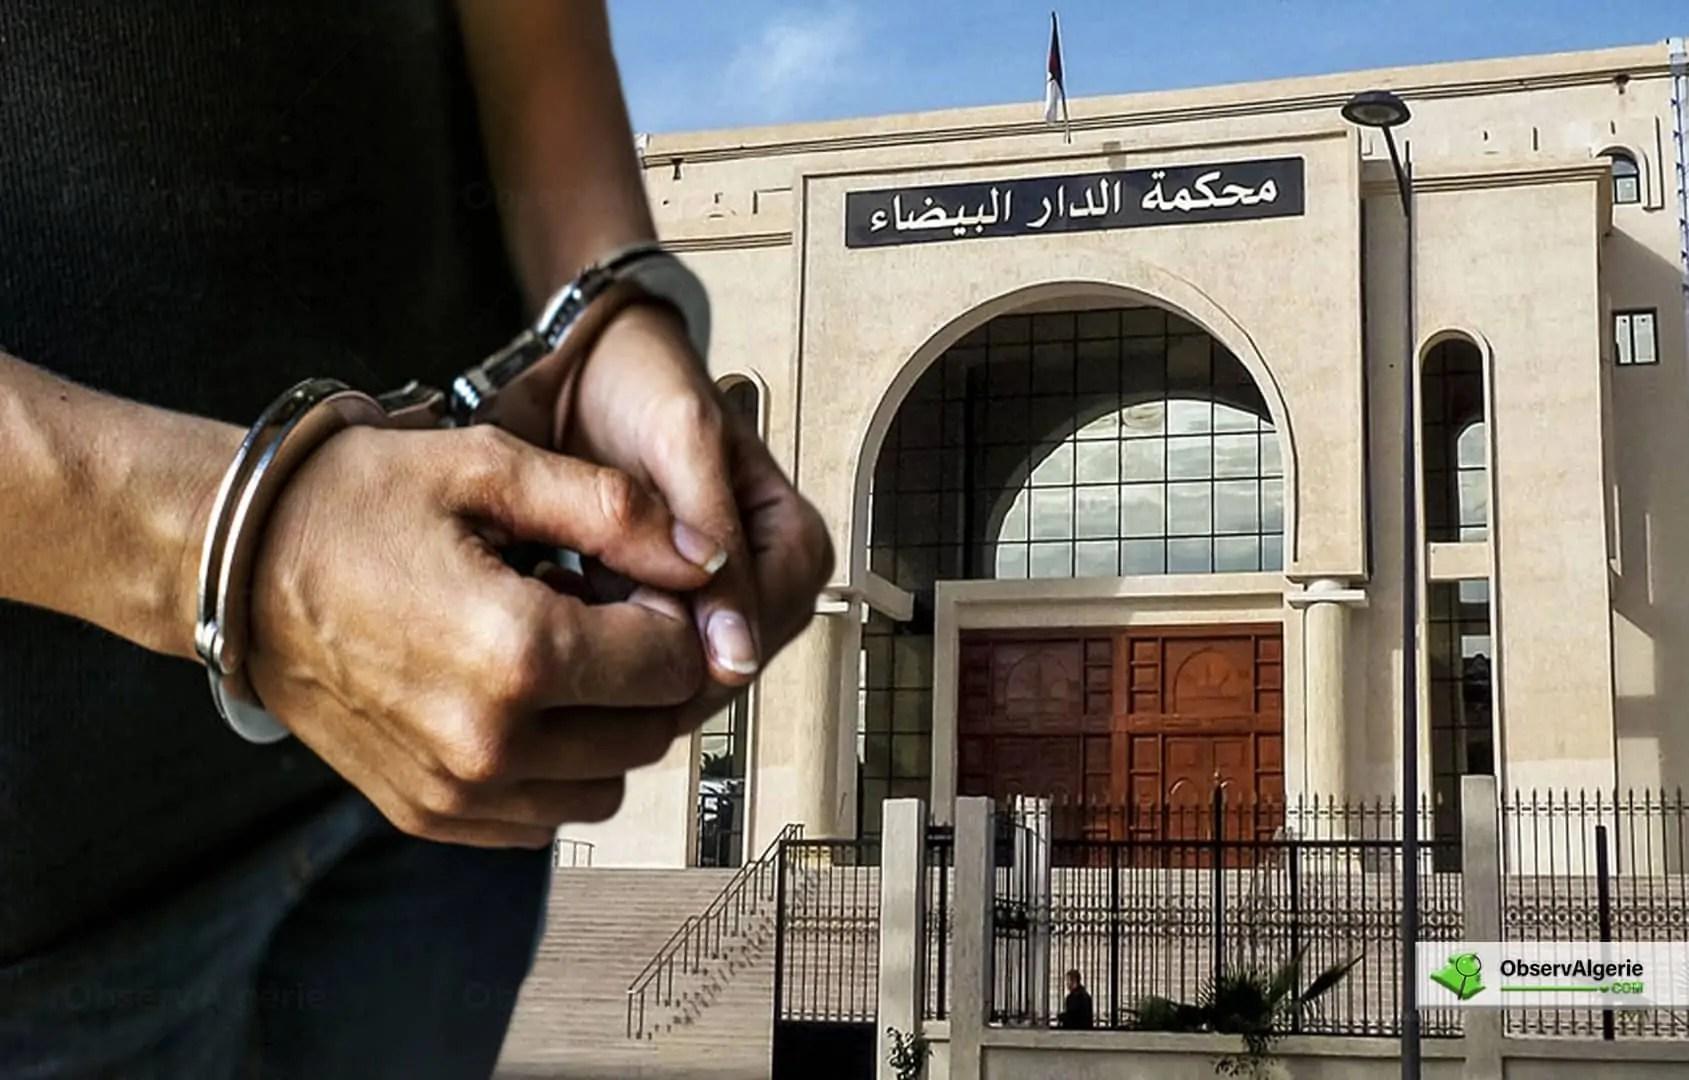 Un homme condamné à 20 ans de prison après avoir égorgé sa femme, à Alger